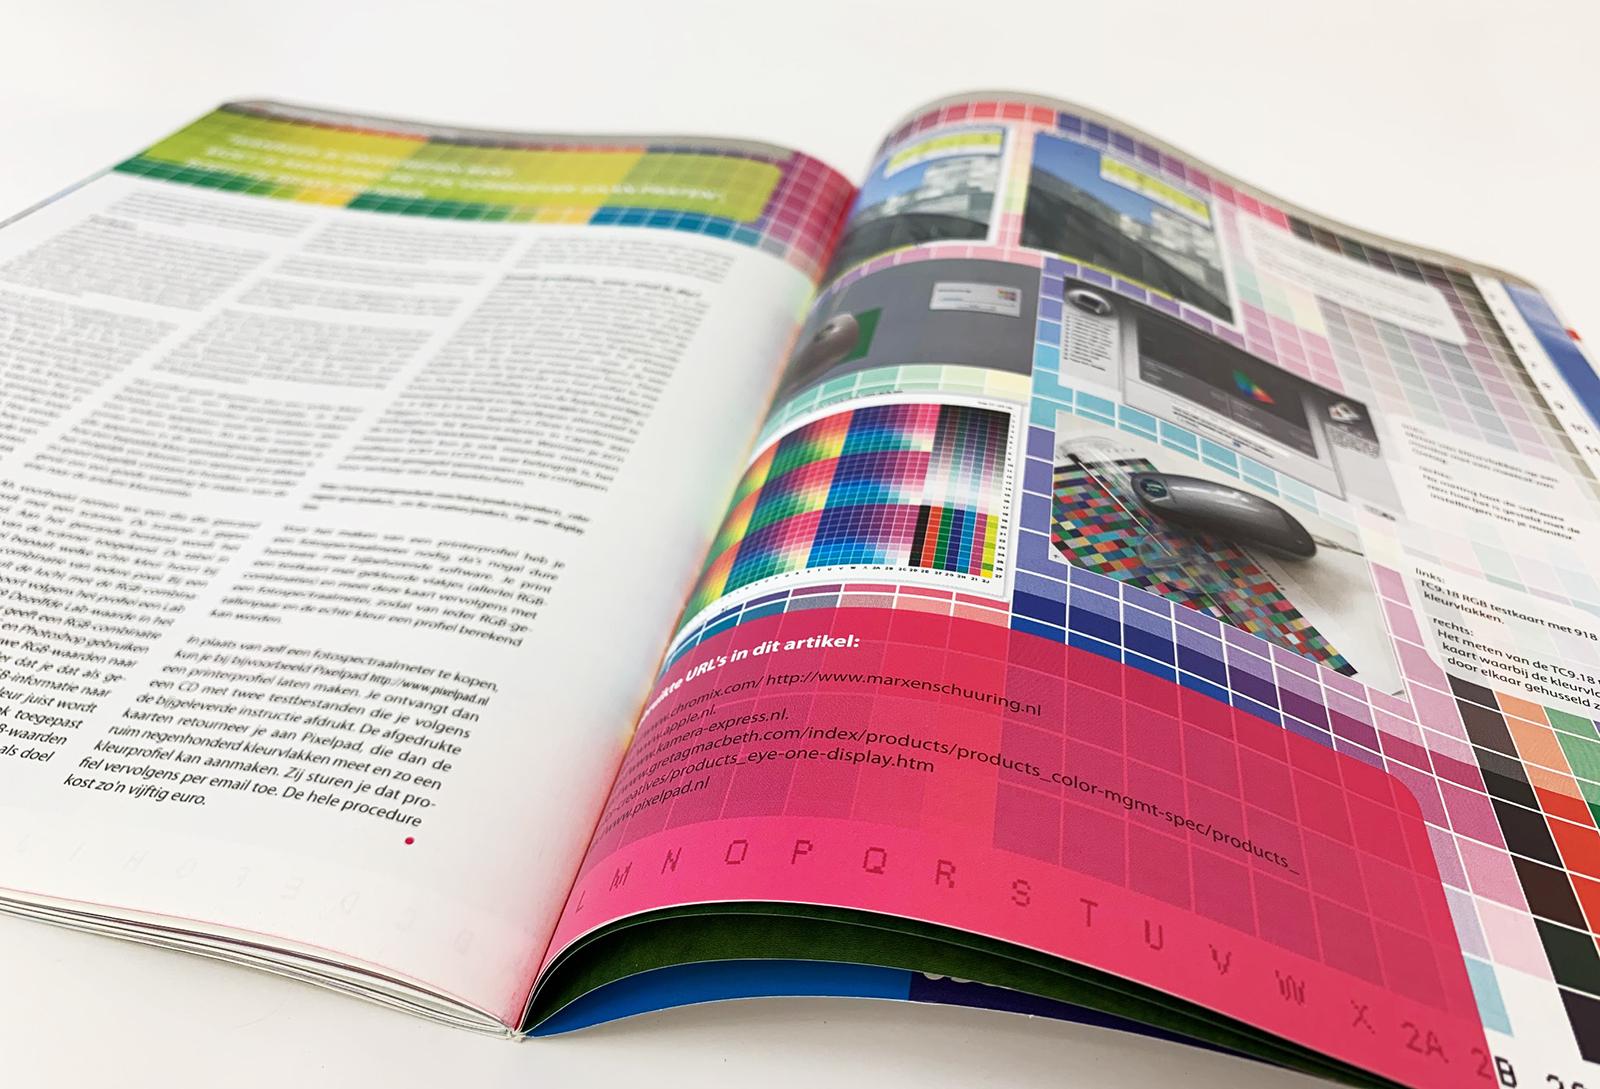 MacFreak artikel over kleuren